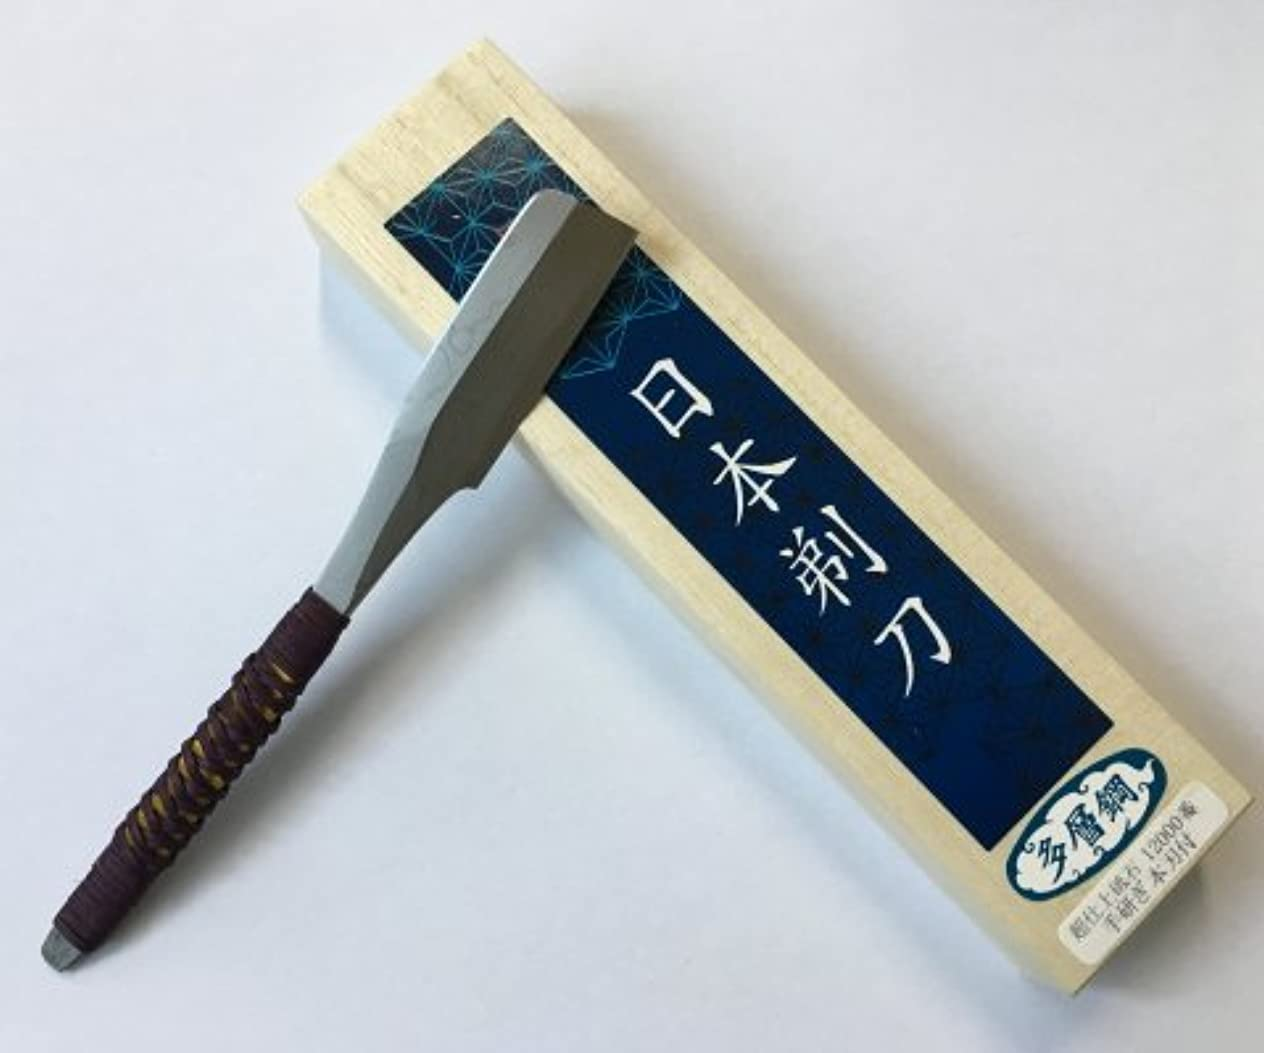 淡い製造手紙を書く兼吉作 日本剃刀(ニホン カミソリ)多層鋼 藤巻 桐箱入り 【手造り】